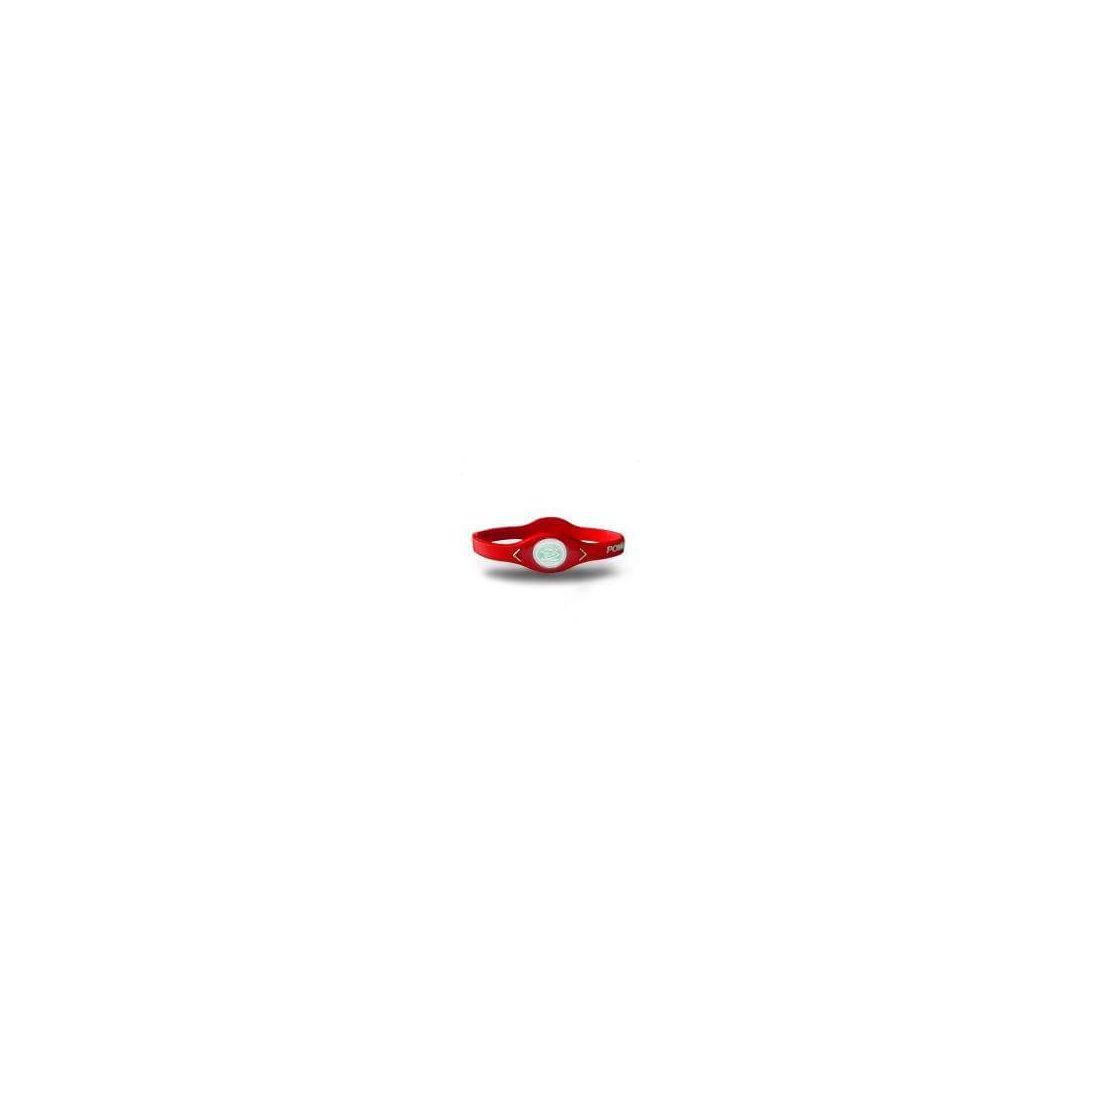 Power Balance Pulsera silicona Rojo - Plantillas y accesorios